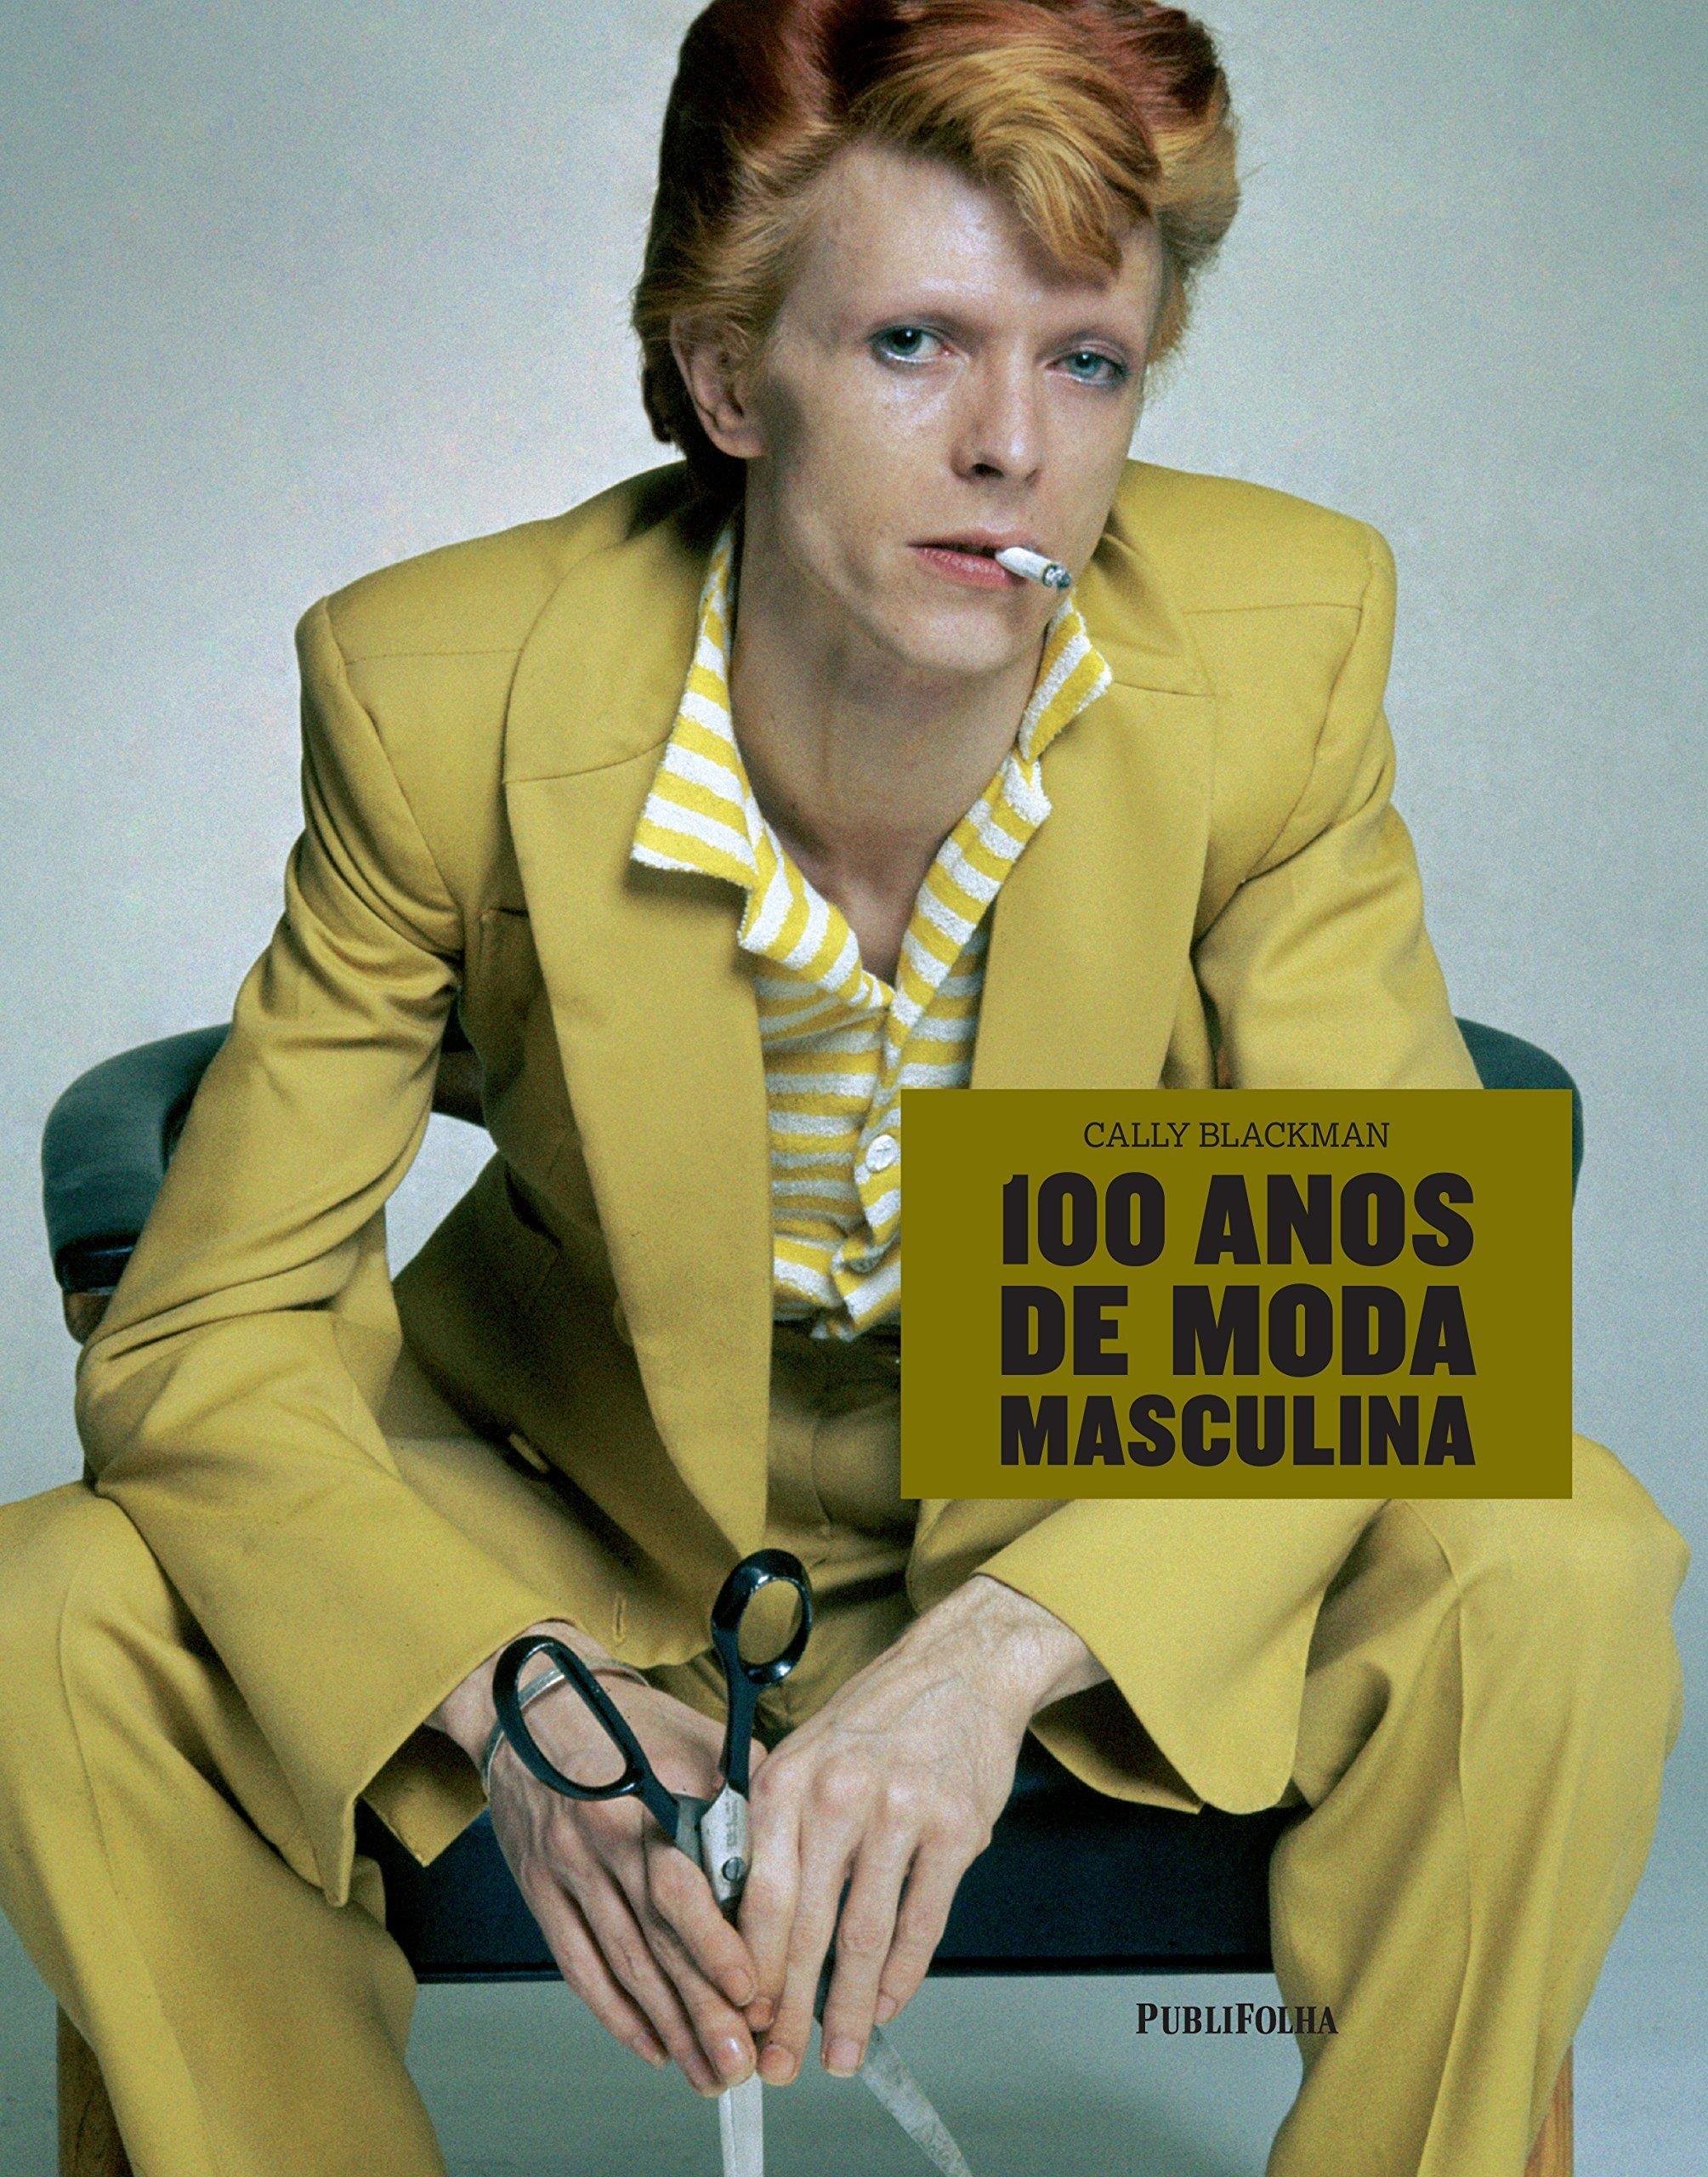 100 Anos de Moda Masculina (Em Portugues do Brasil): Cally Blackman: 9788579145476: Amazon.com: Books